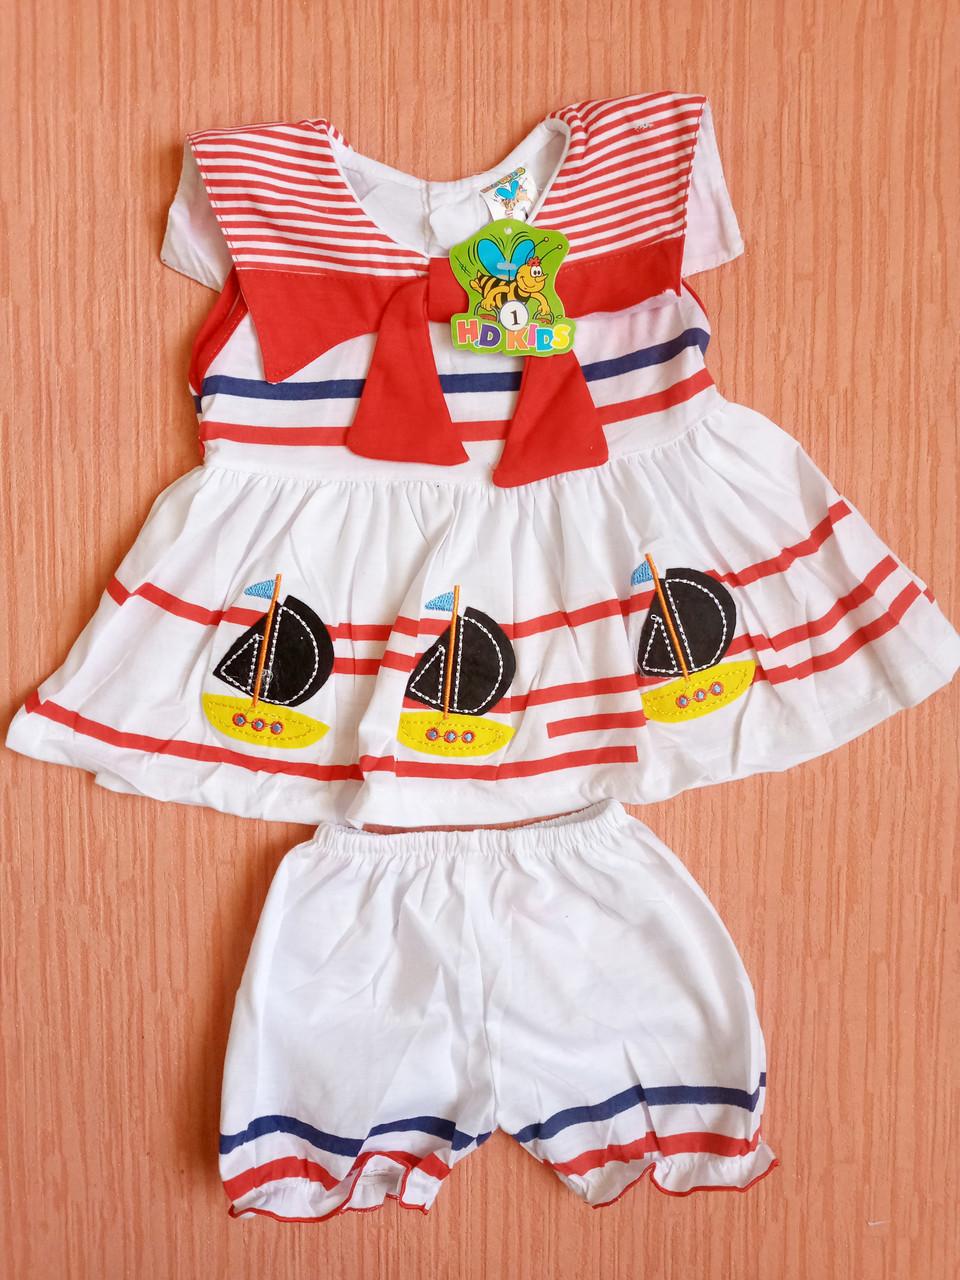 Дитячі костюми майка+шорти на дівчаток 1-5 роки. Уцінка! Від 5шт по 27грн